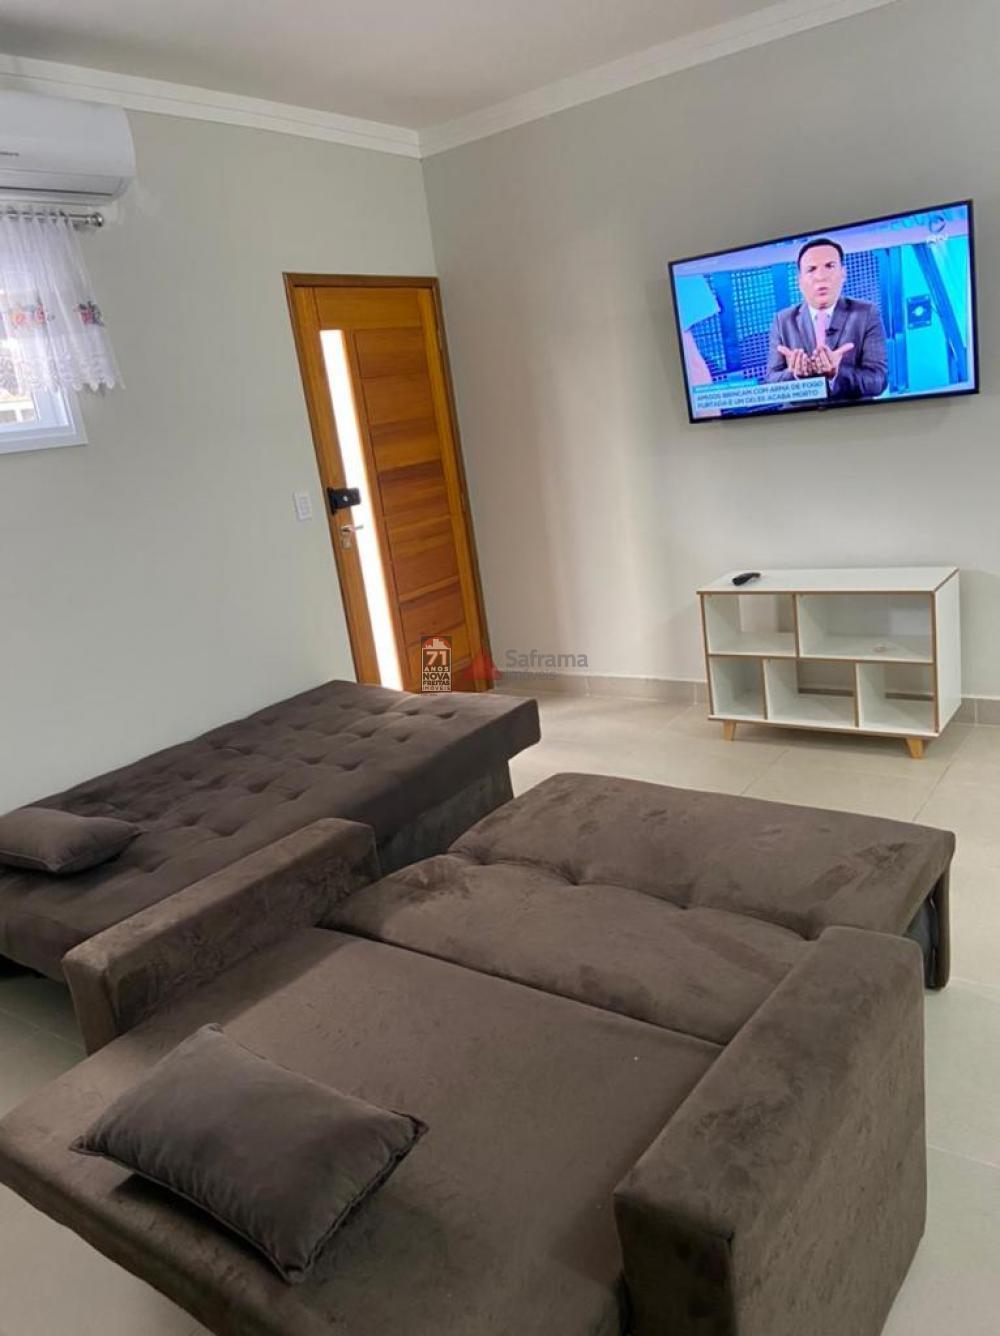 Comprar Casa / Condomínio em Caraguatatuba R$ 395.000,00 - Foto 7